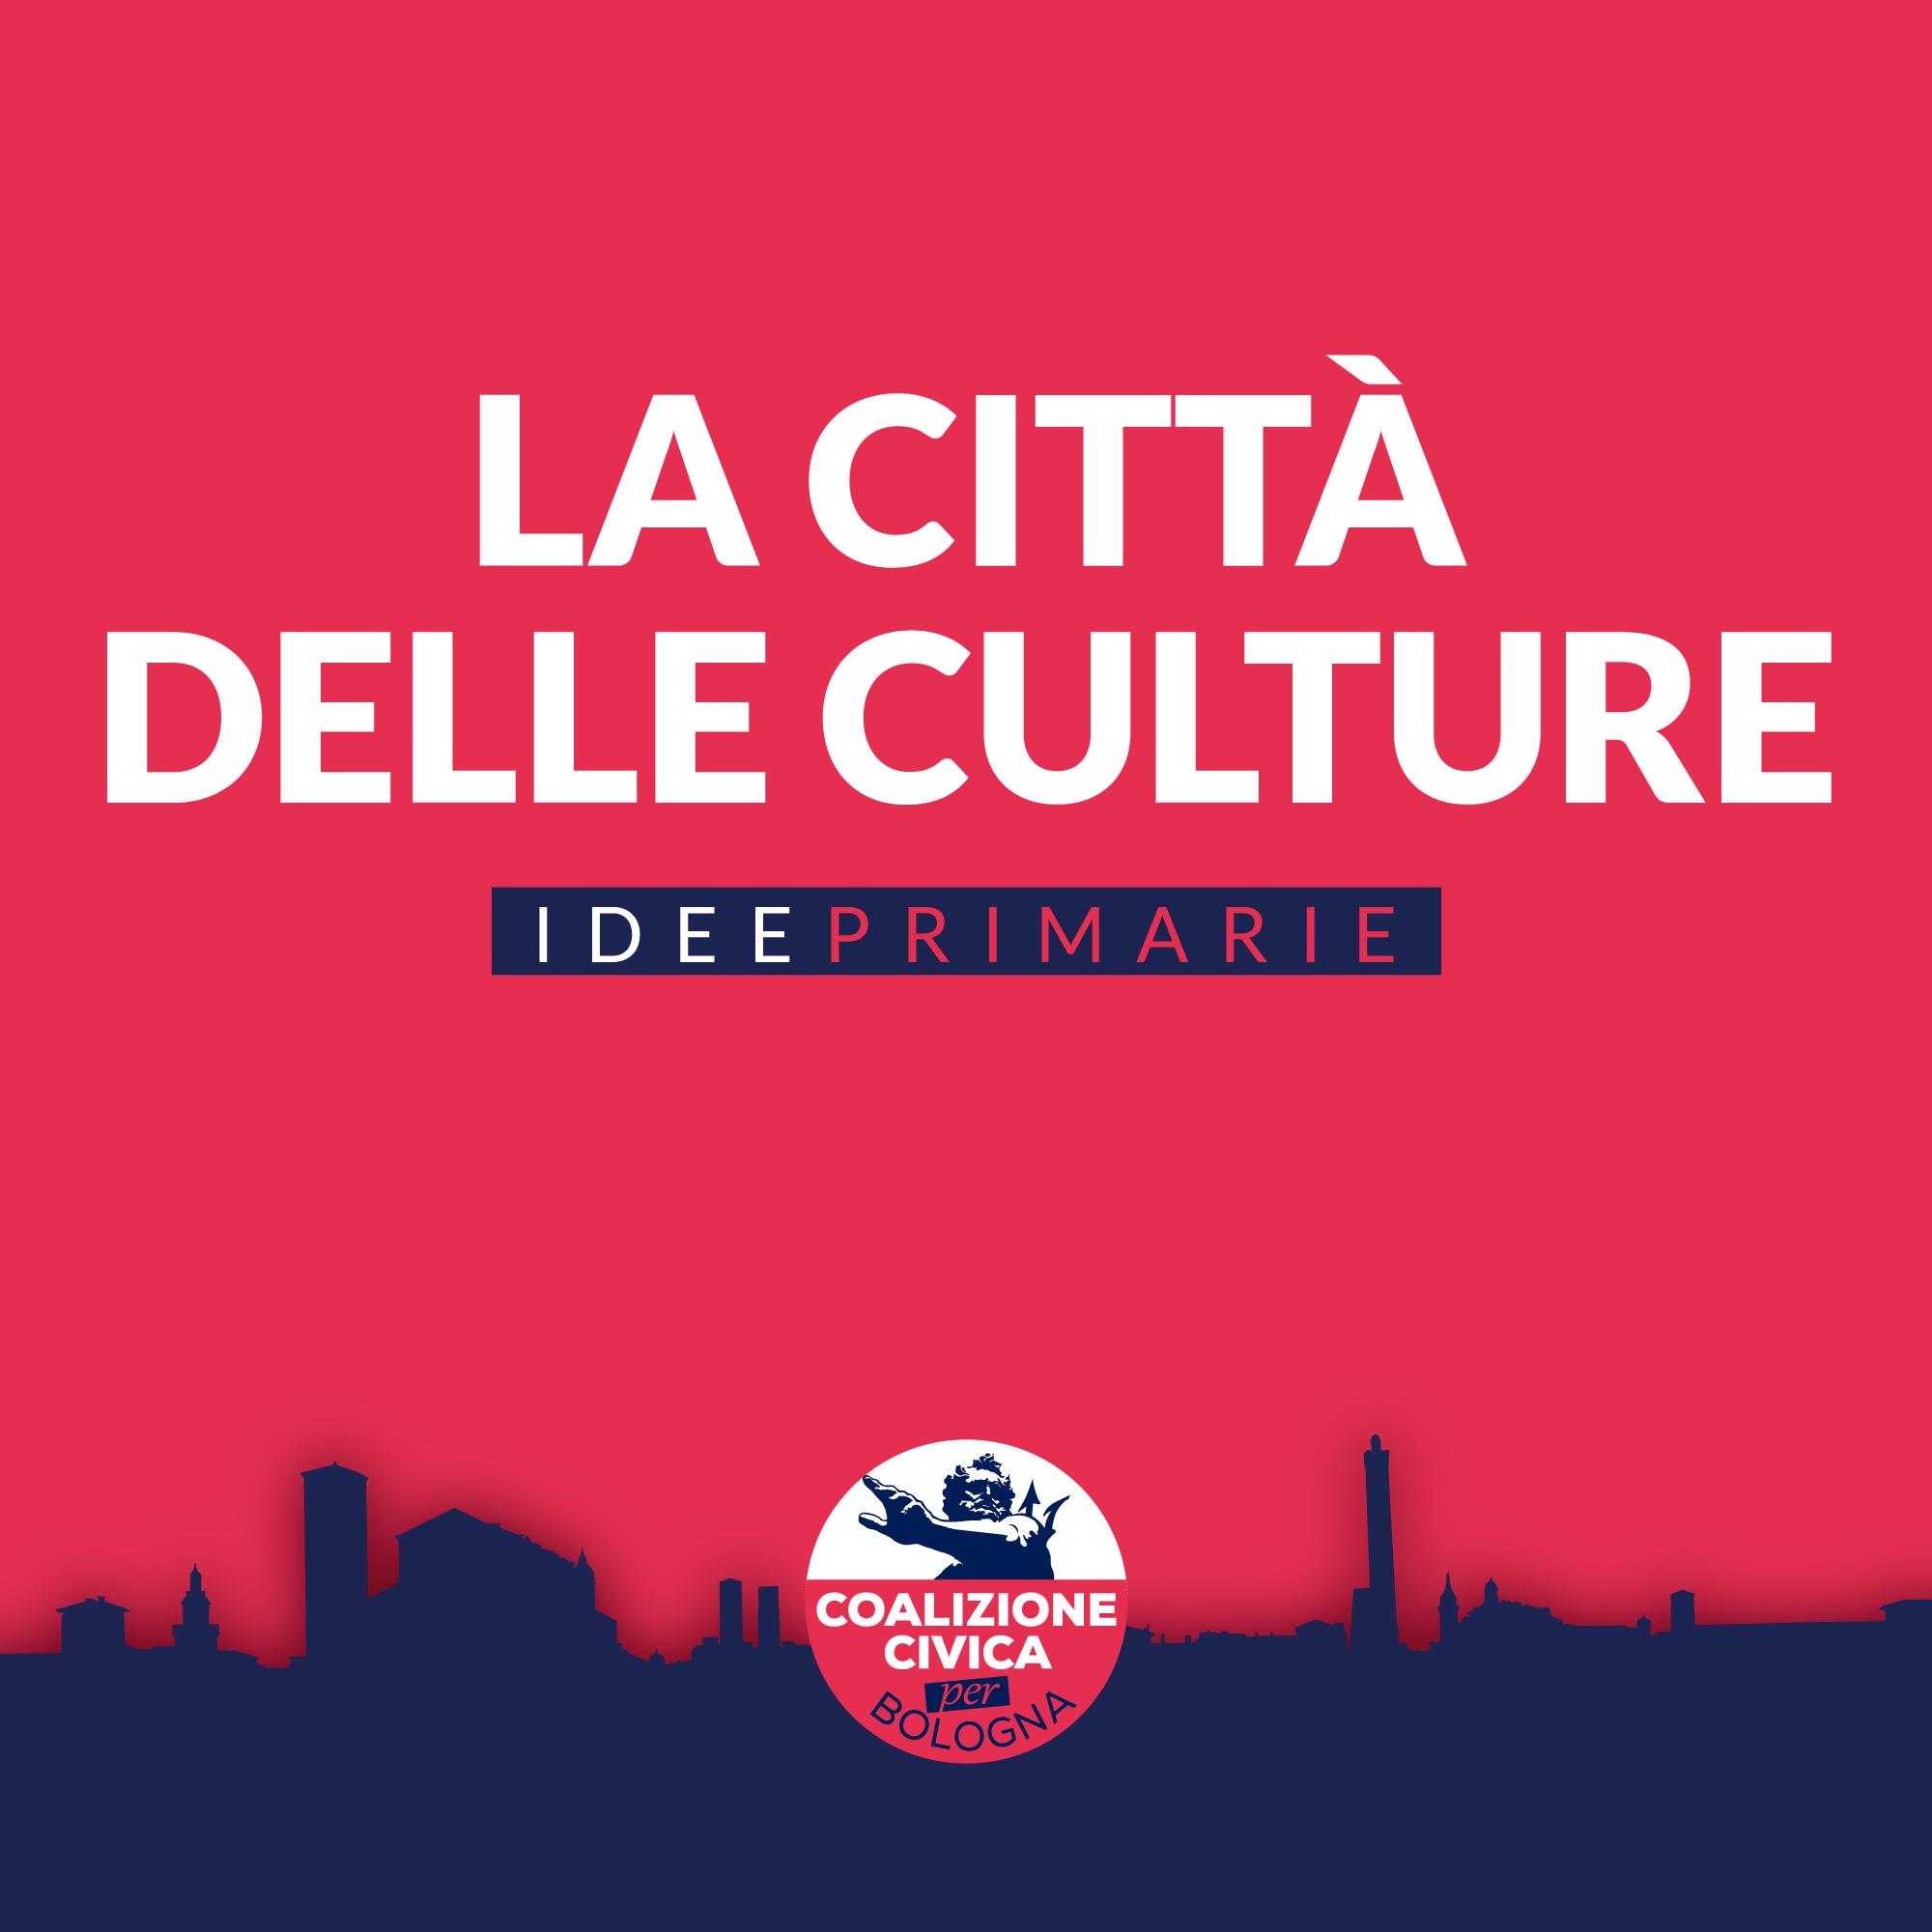 Idee primarie: la città delle culture